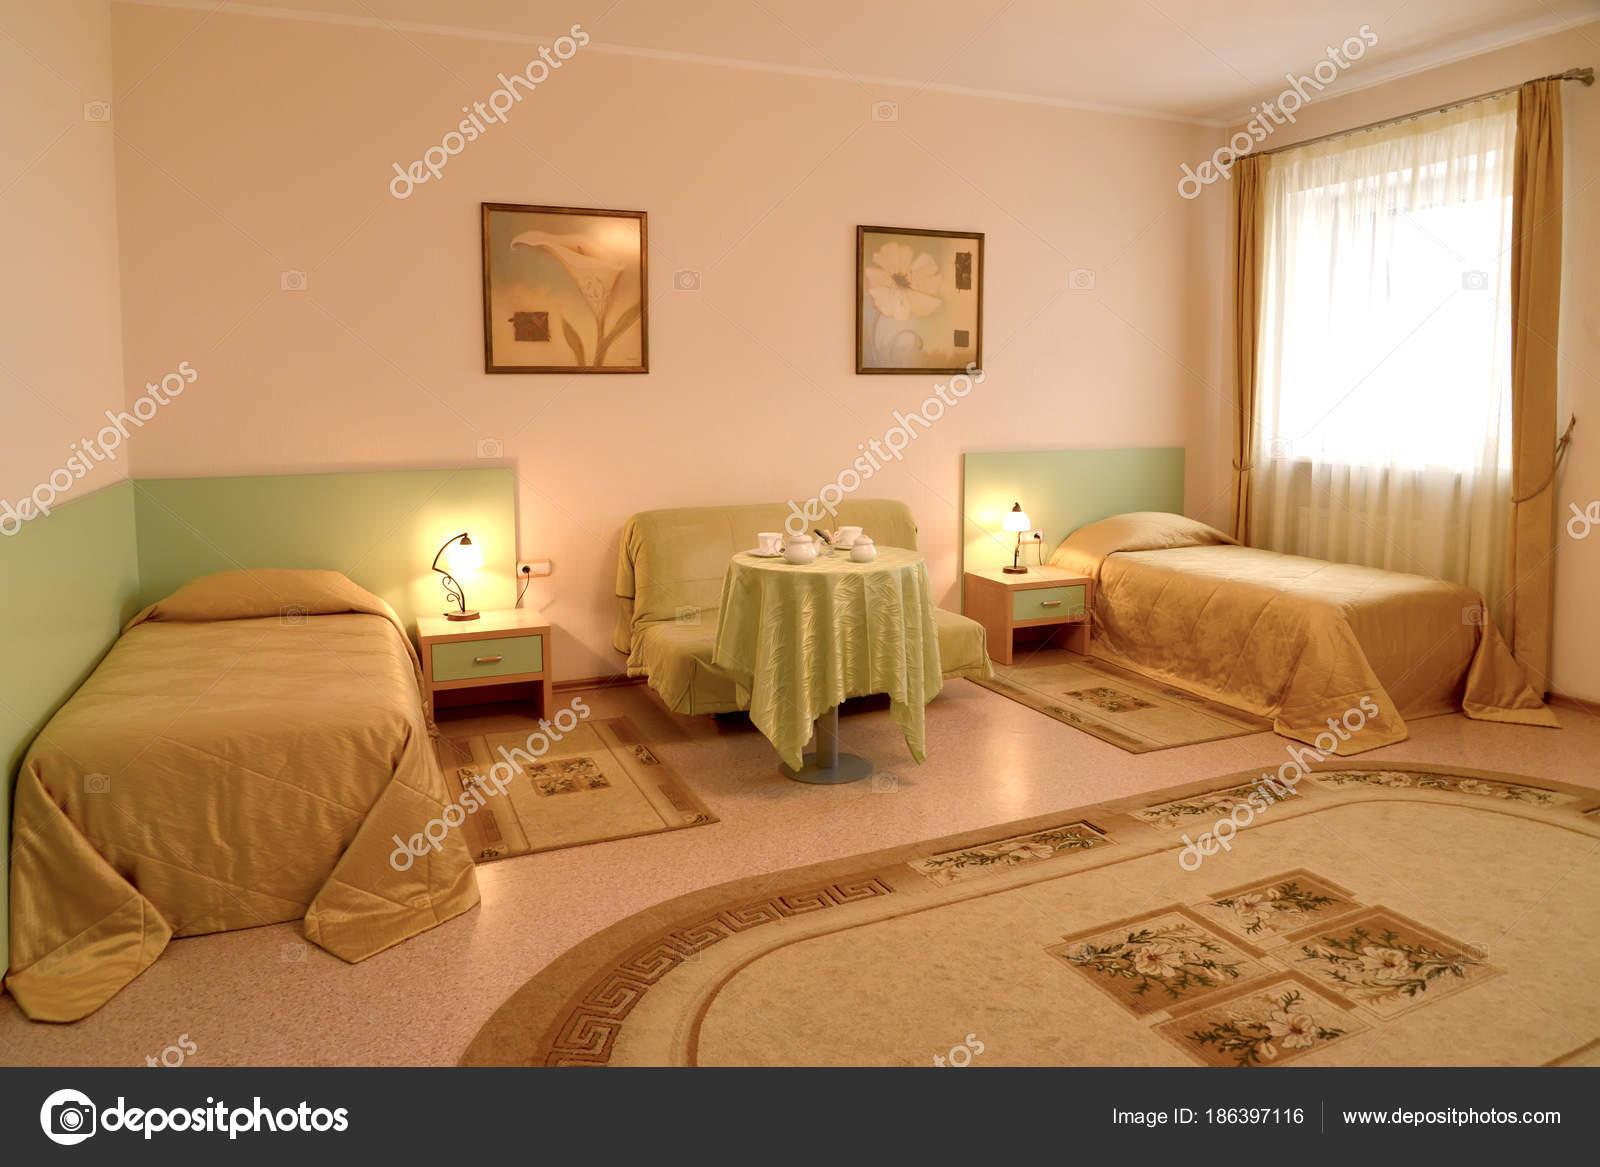 Das Schlafzimmer mit zwei Betten und ein Sofa im klassischen Stil ...